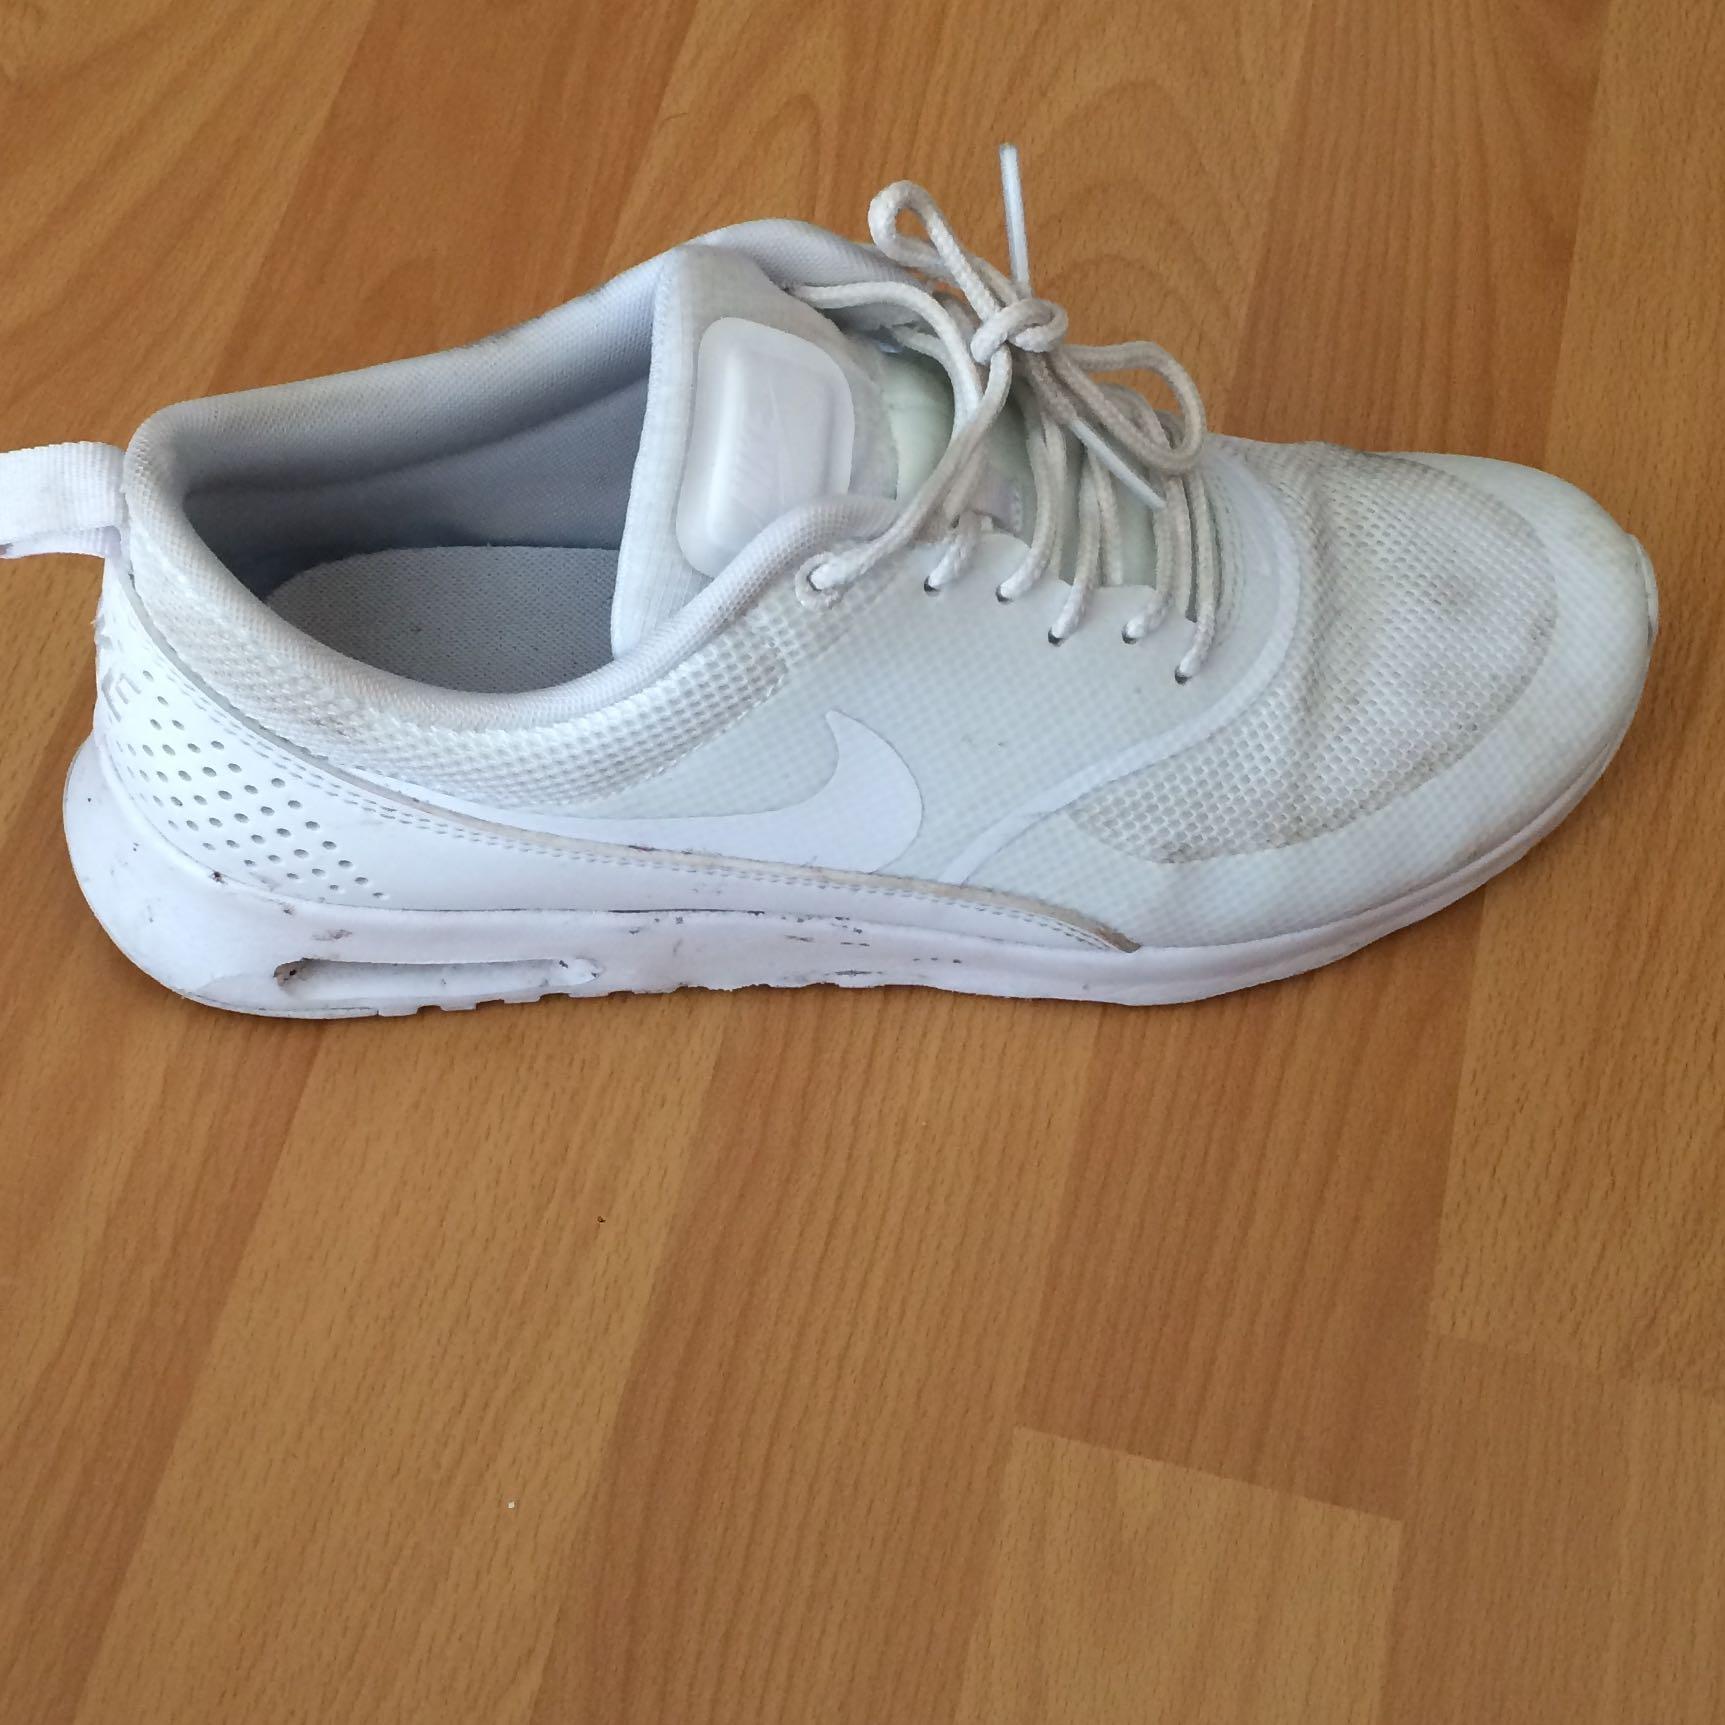 Thea Aktion Waschen Max Nike Cl1jfkt3 Air Schuhe wOkuTPXiZ